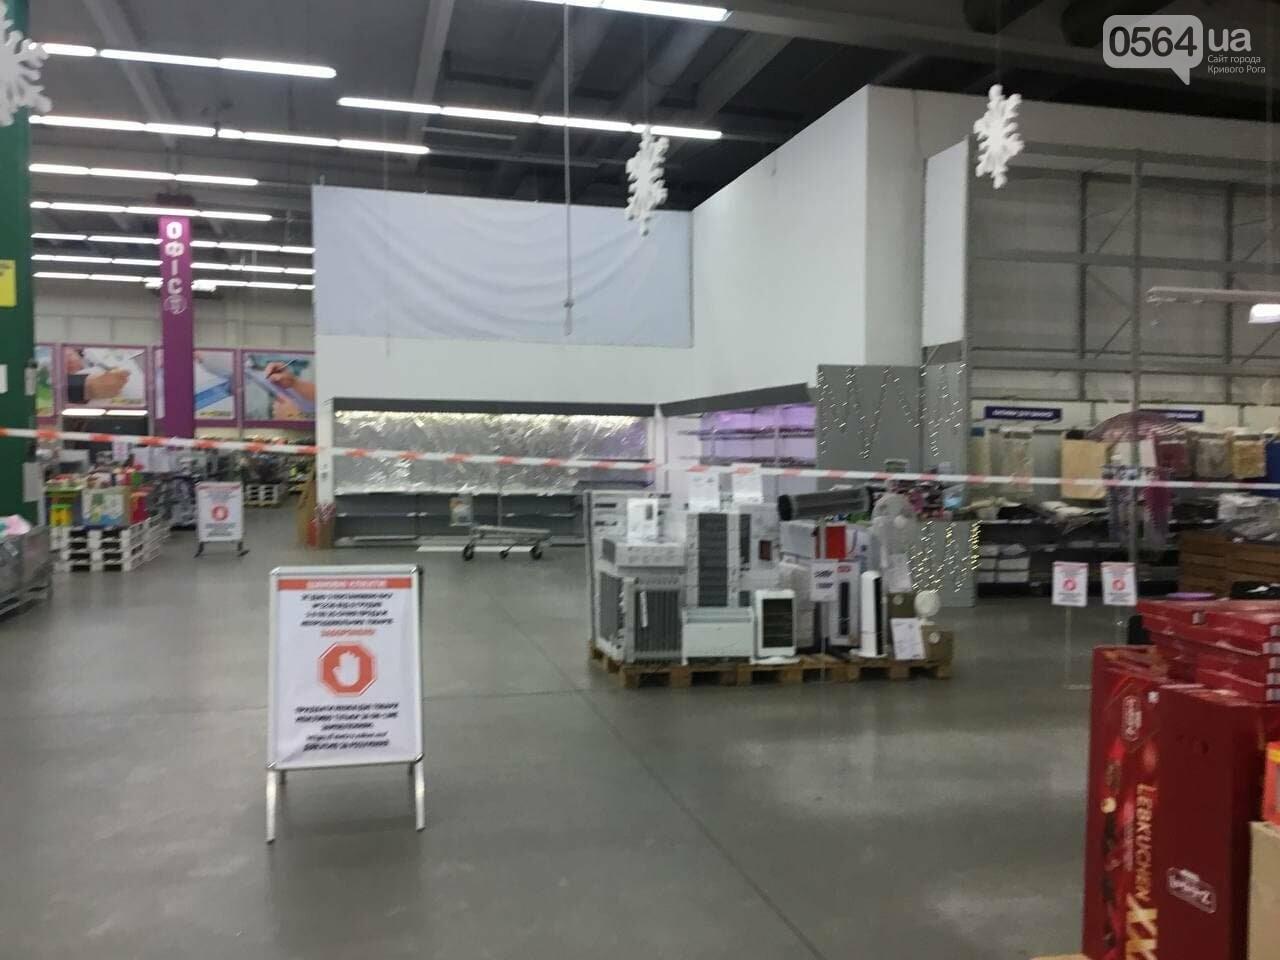 Как в Кривом Роге работают гипермаркеты в период локдауна, - ФОТО, фото-10